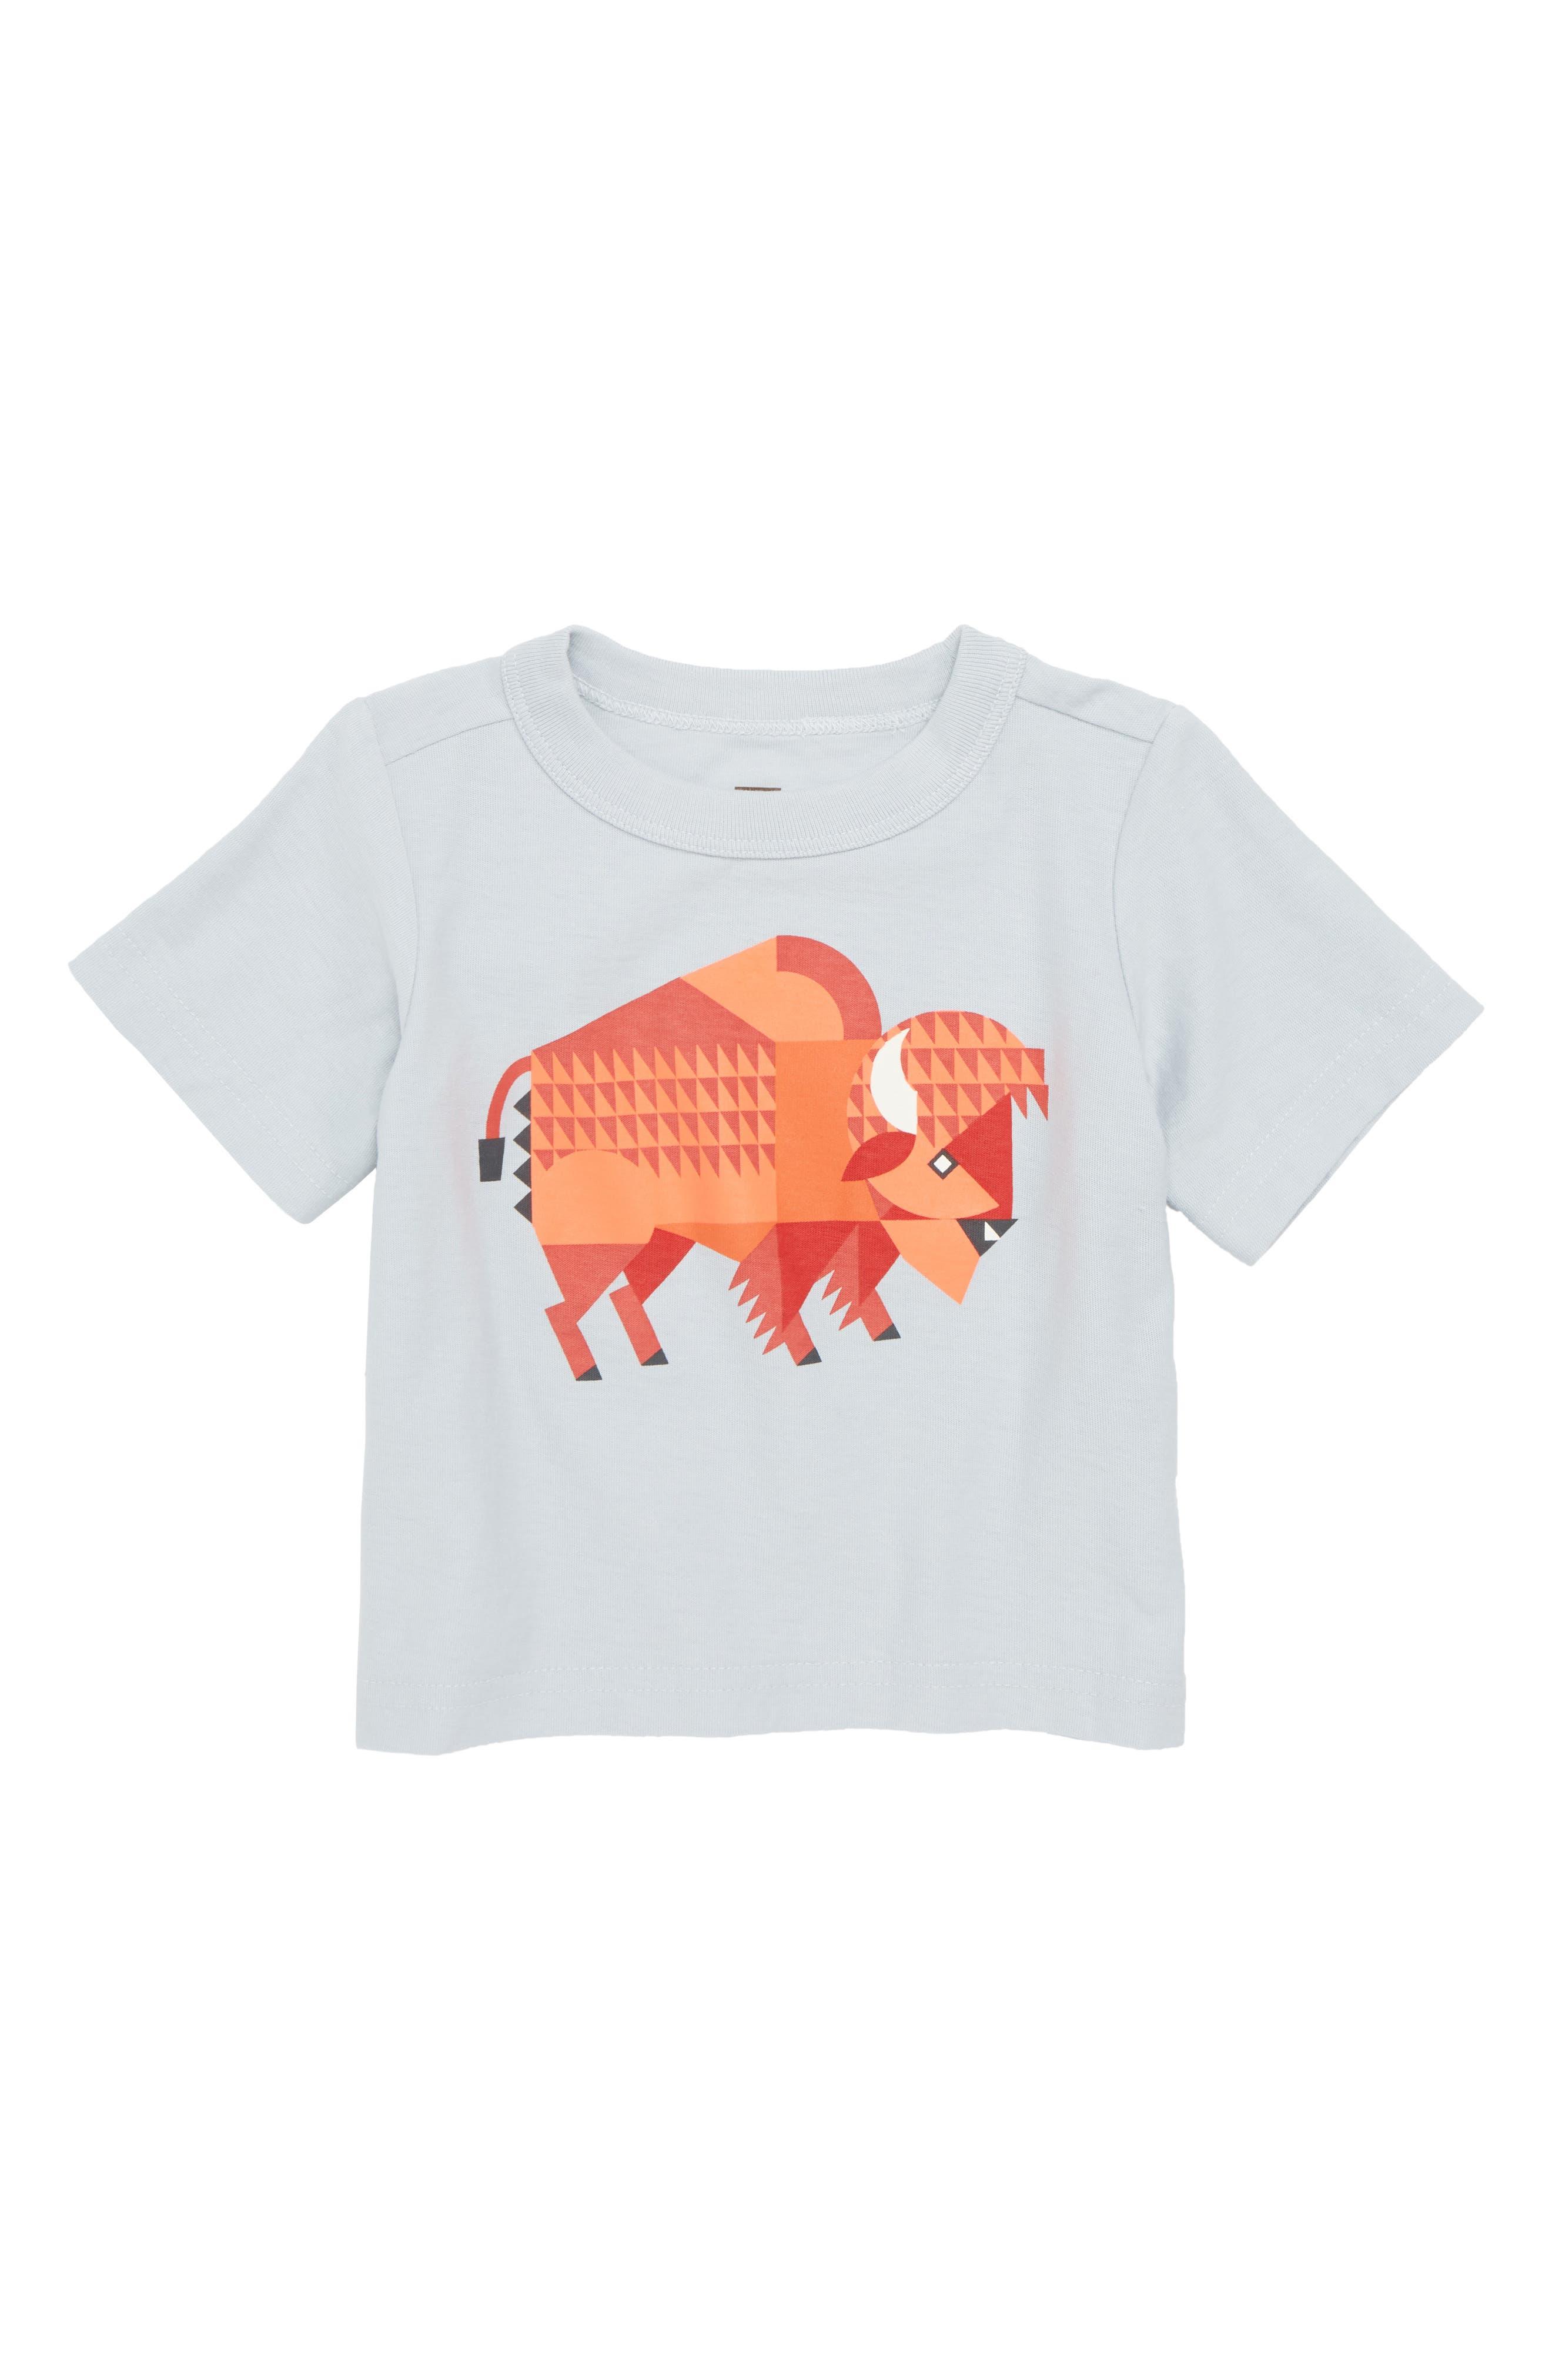 Bison T-Shirt,                         Main,                         color, 600